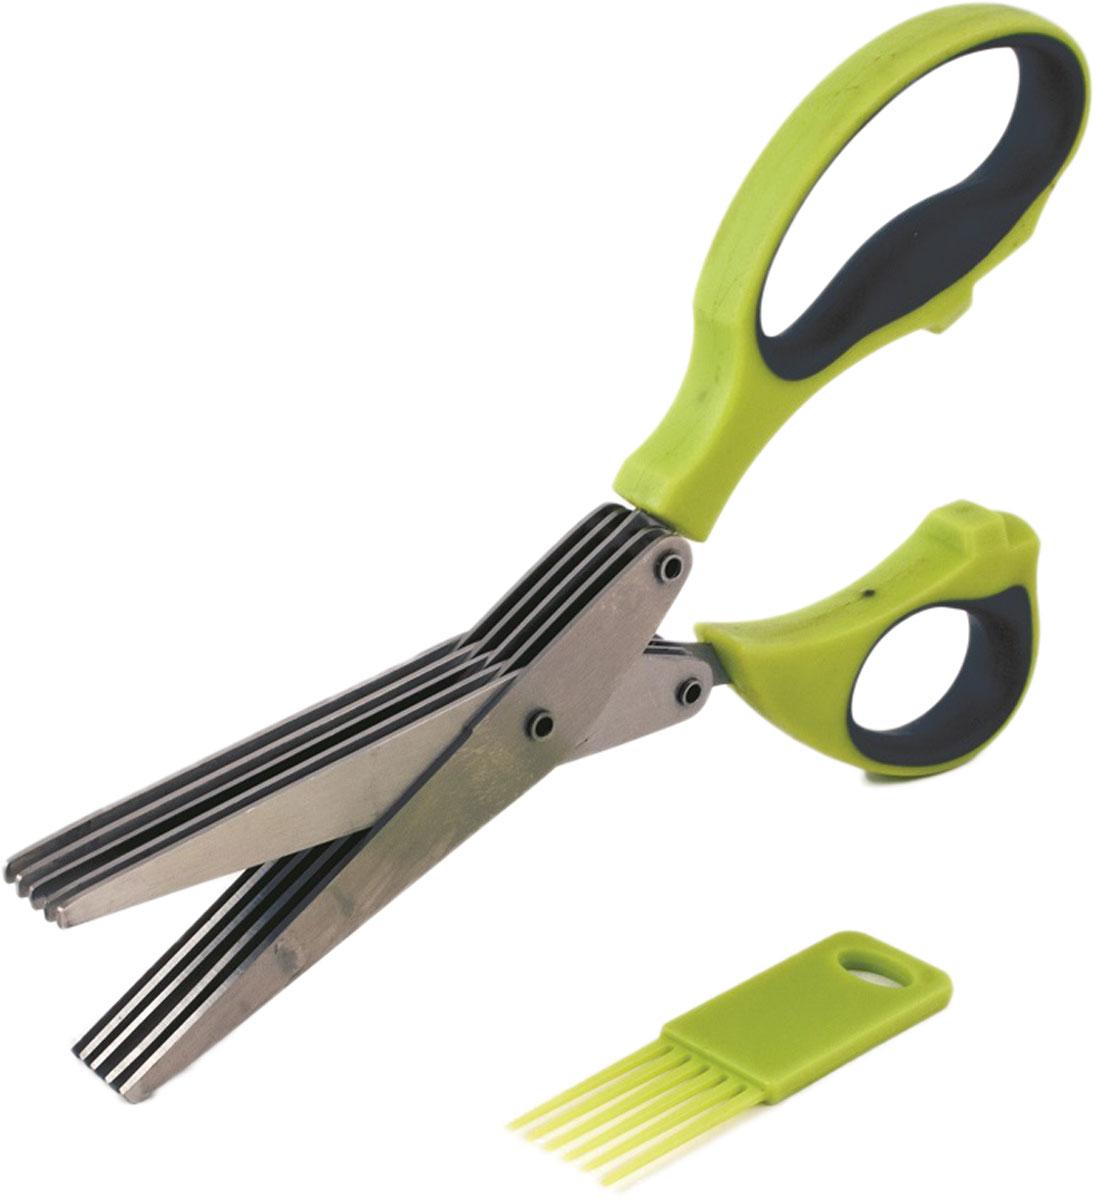 Ножницы для нарезки зелени TimA с 5 лезвиями помогут быстро и красиво нарезать зелень, не прикладывая для этого особых усилий. Такие ножницы являются ценным помощником в домашнем хозяйстве. Ножницы имеют эргономичные ручки и острые лезвия, расположенные в пять рядов, благодаря которым процесс резки становится лёгким и быстрым. В комплект ножниц входит приспособление (гребёнка) для очистки лезвий.